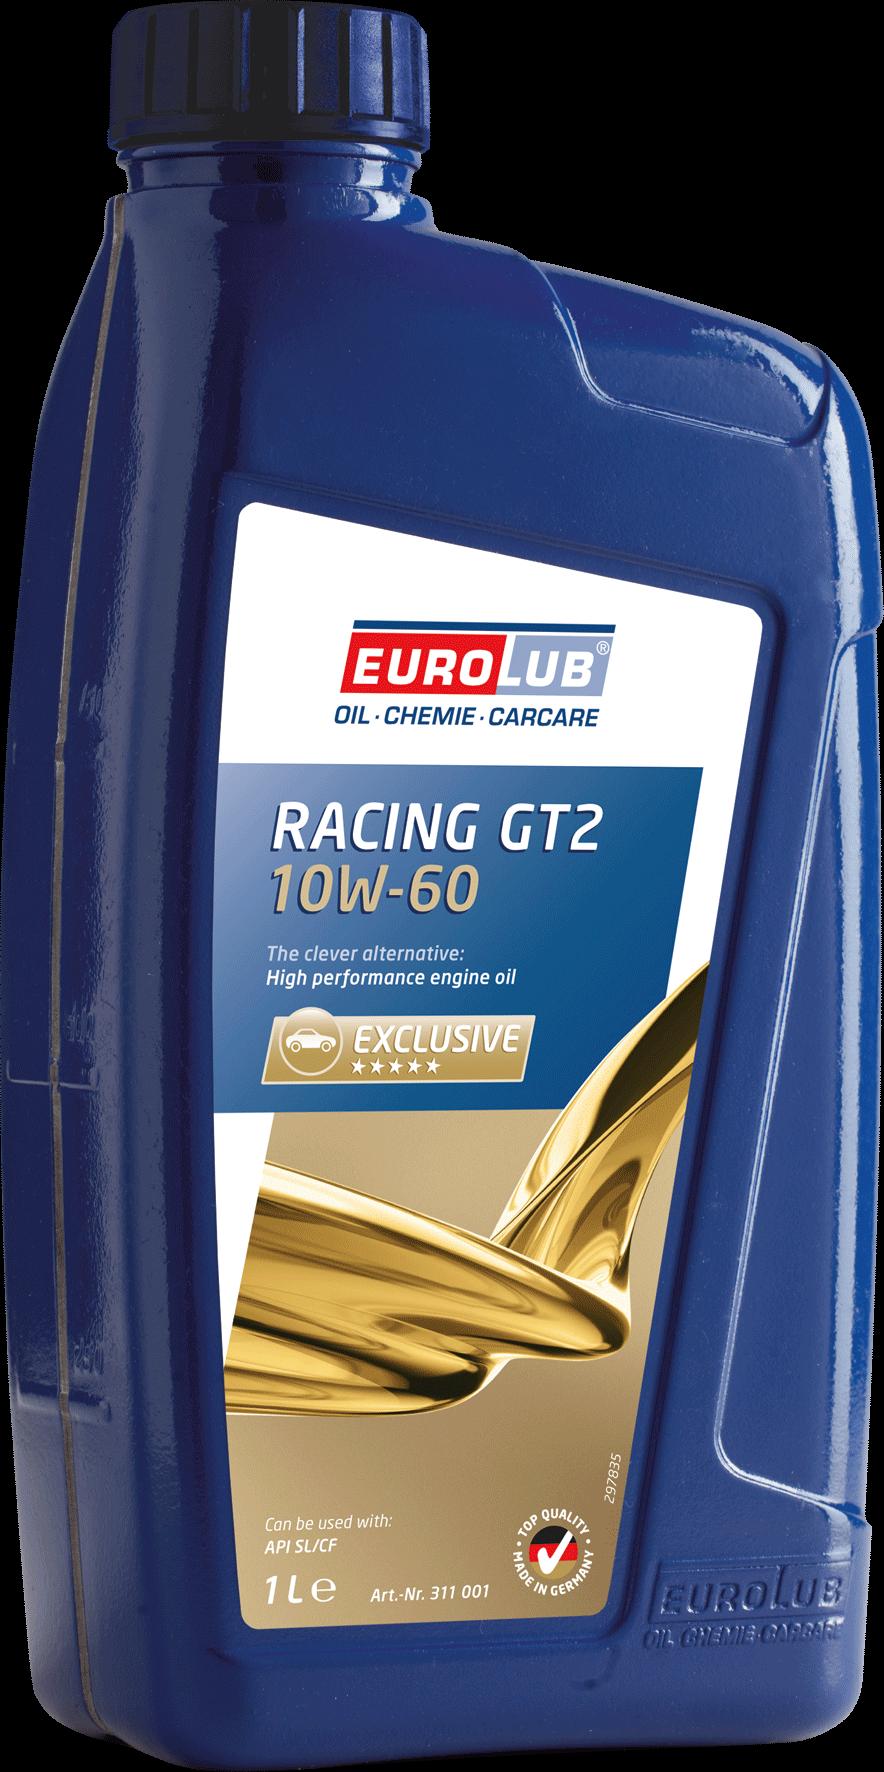 EUROLUB RACING GT2 SAE 10W/60 (масло для гоночных автомобилей), 1л